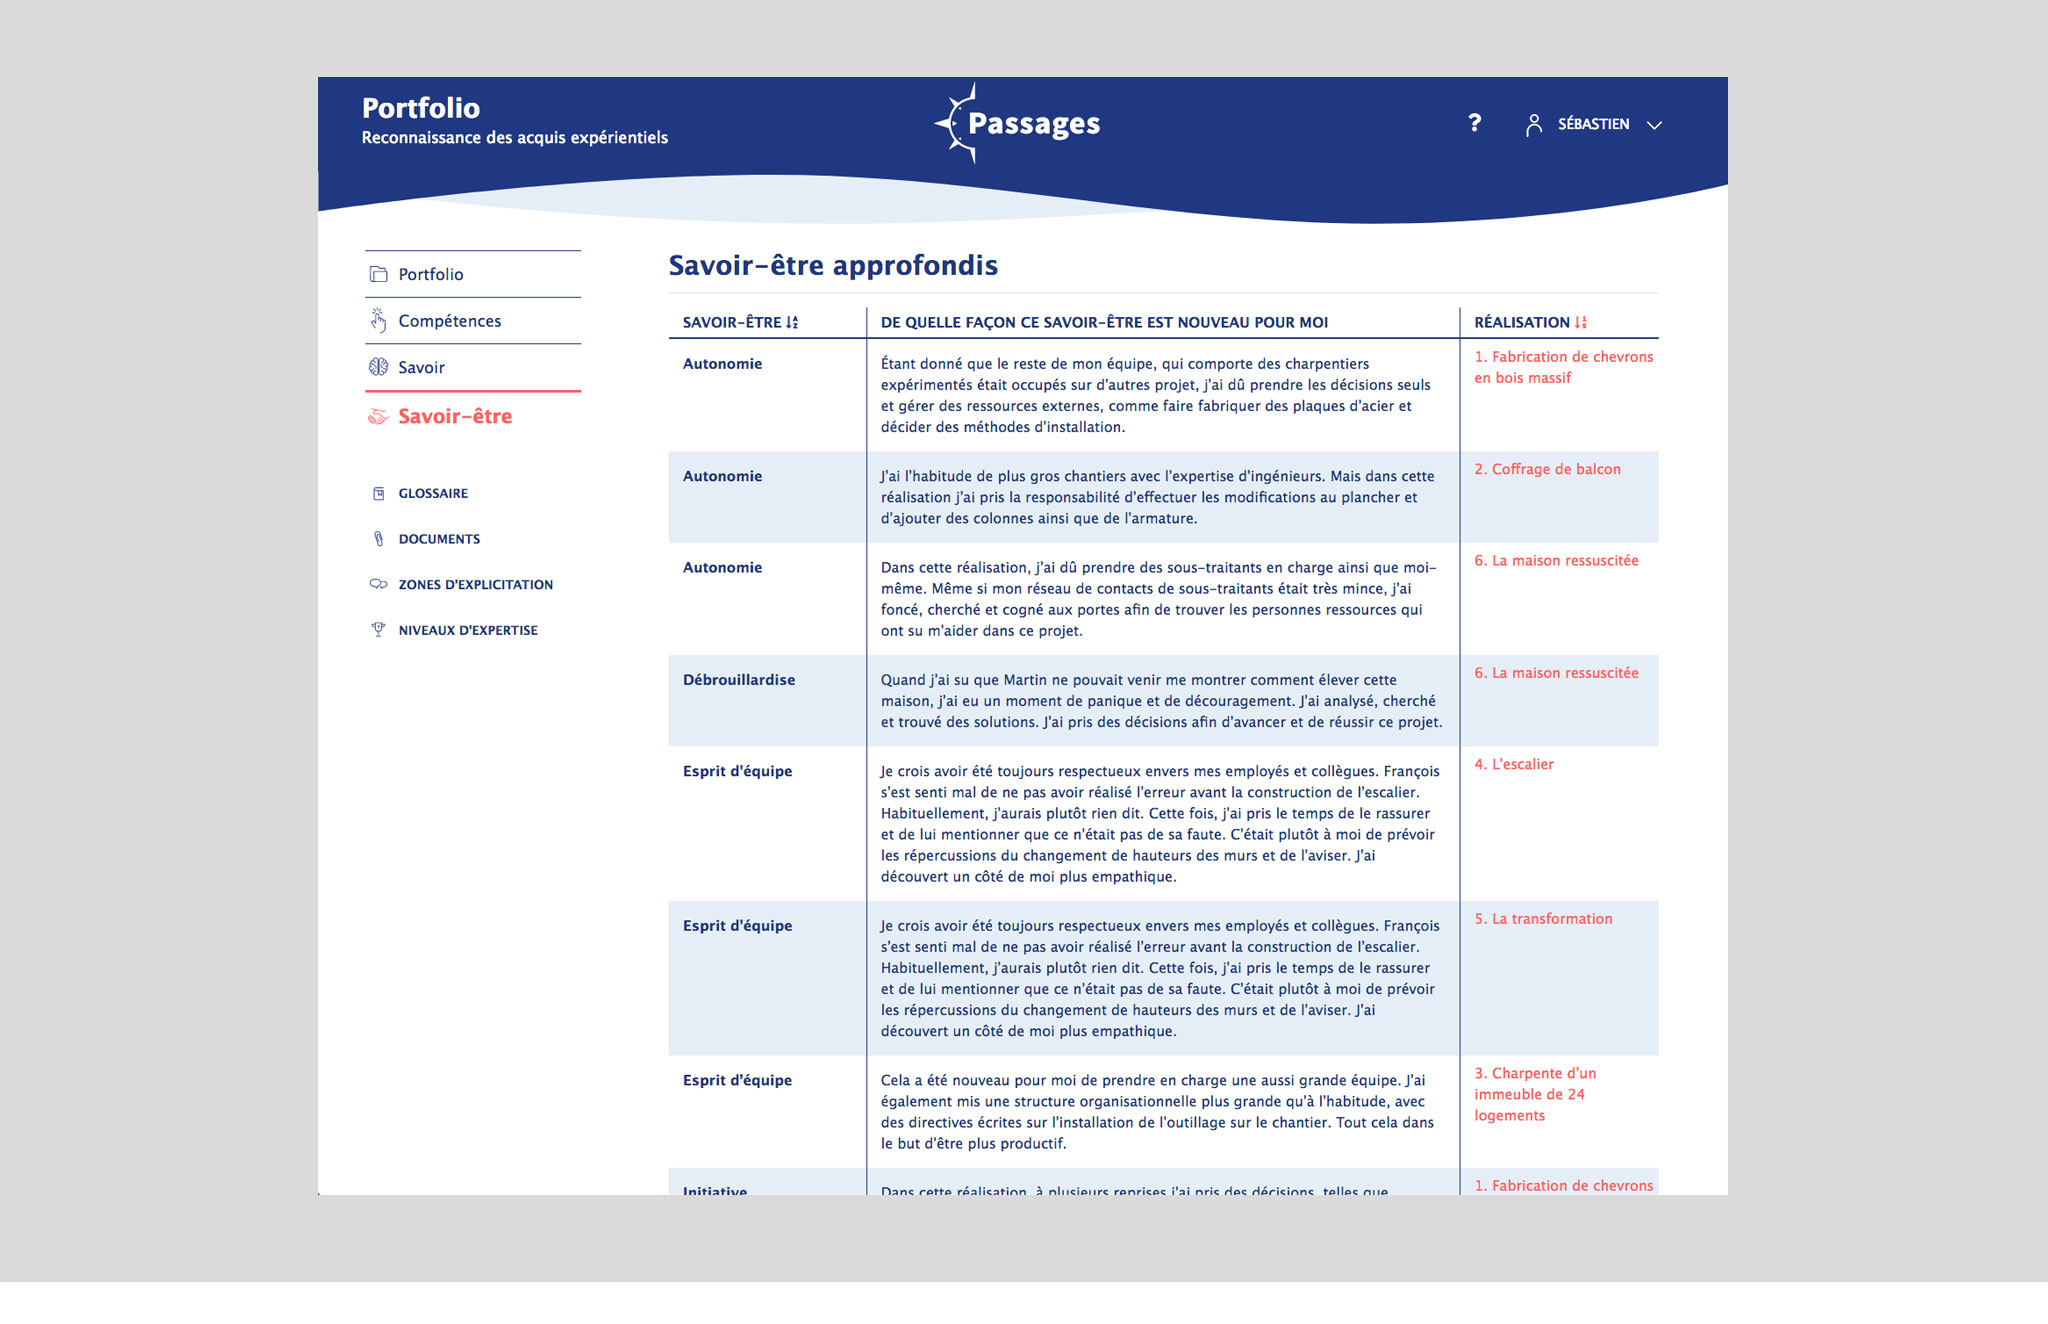 Interface web pour un intranet(Passages - Portfolio reconnaissance des acquis expérientiels).